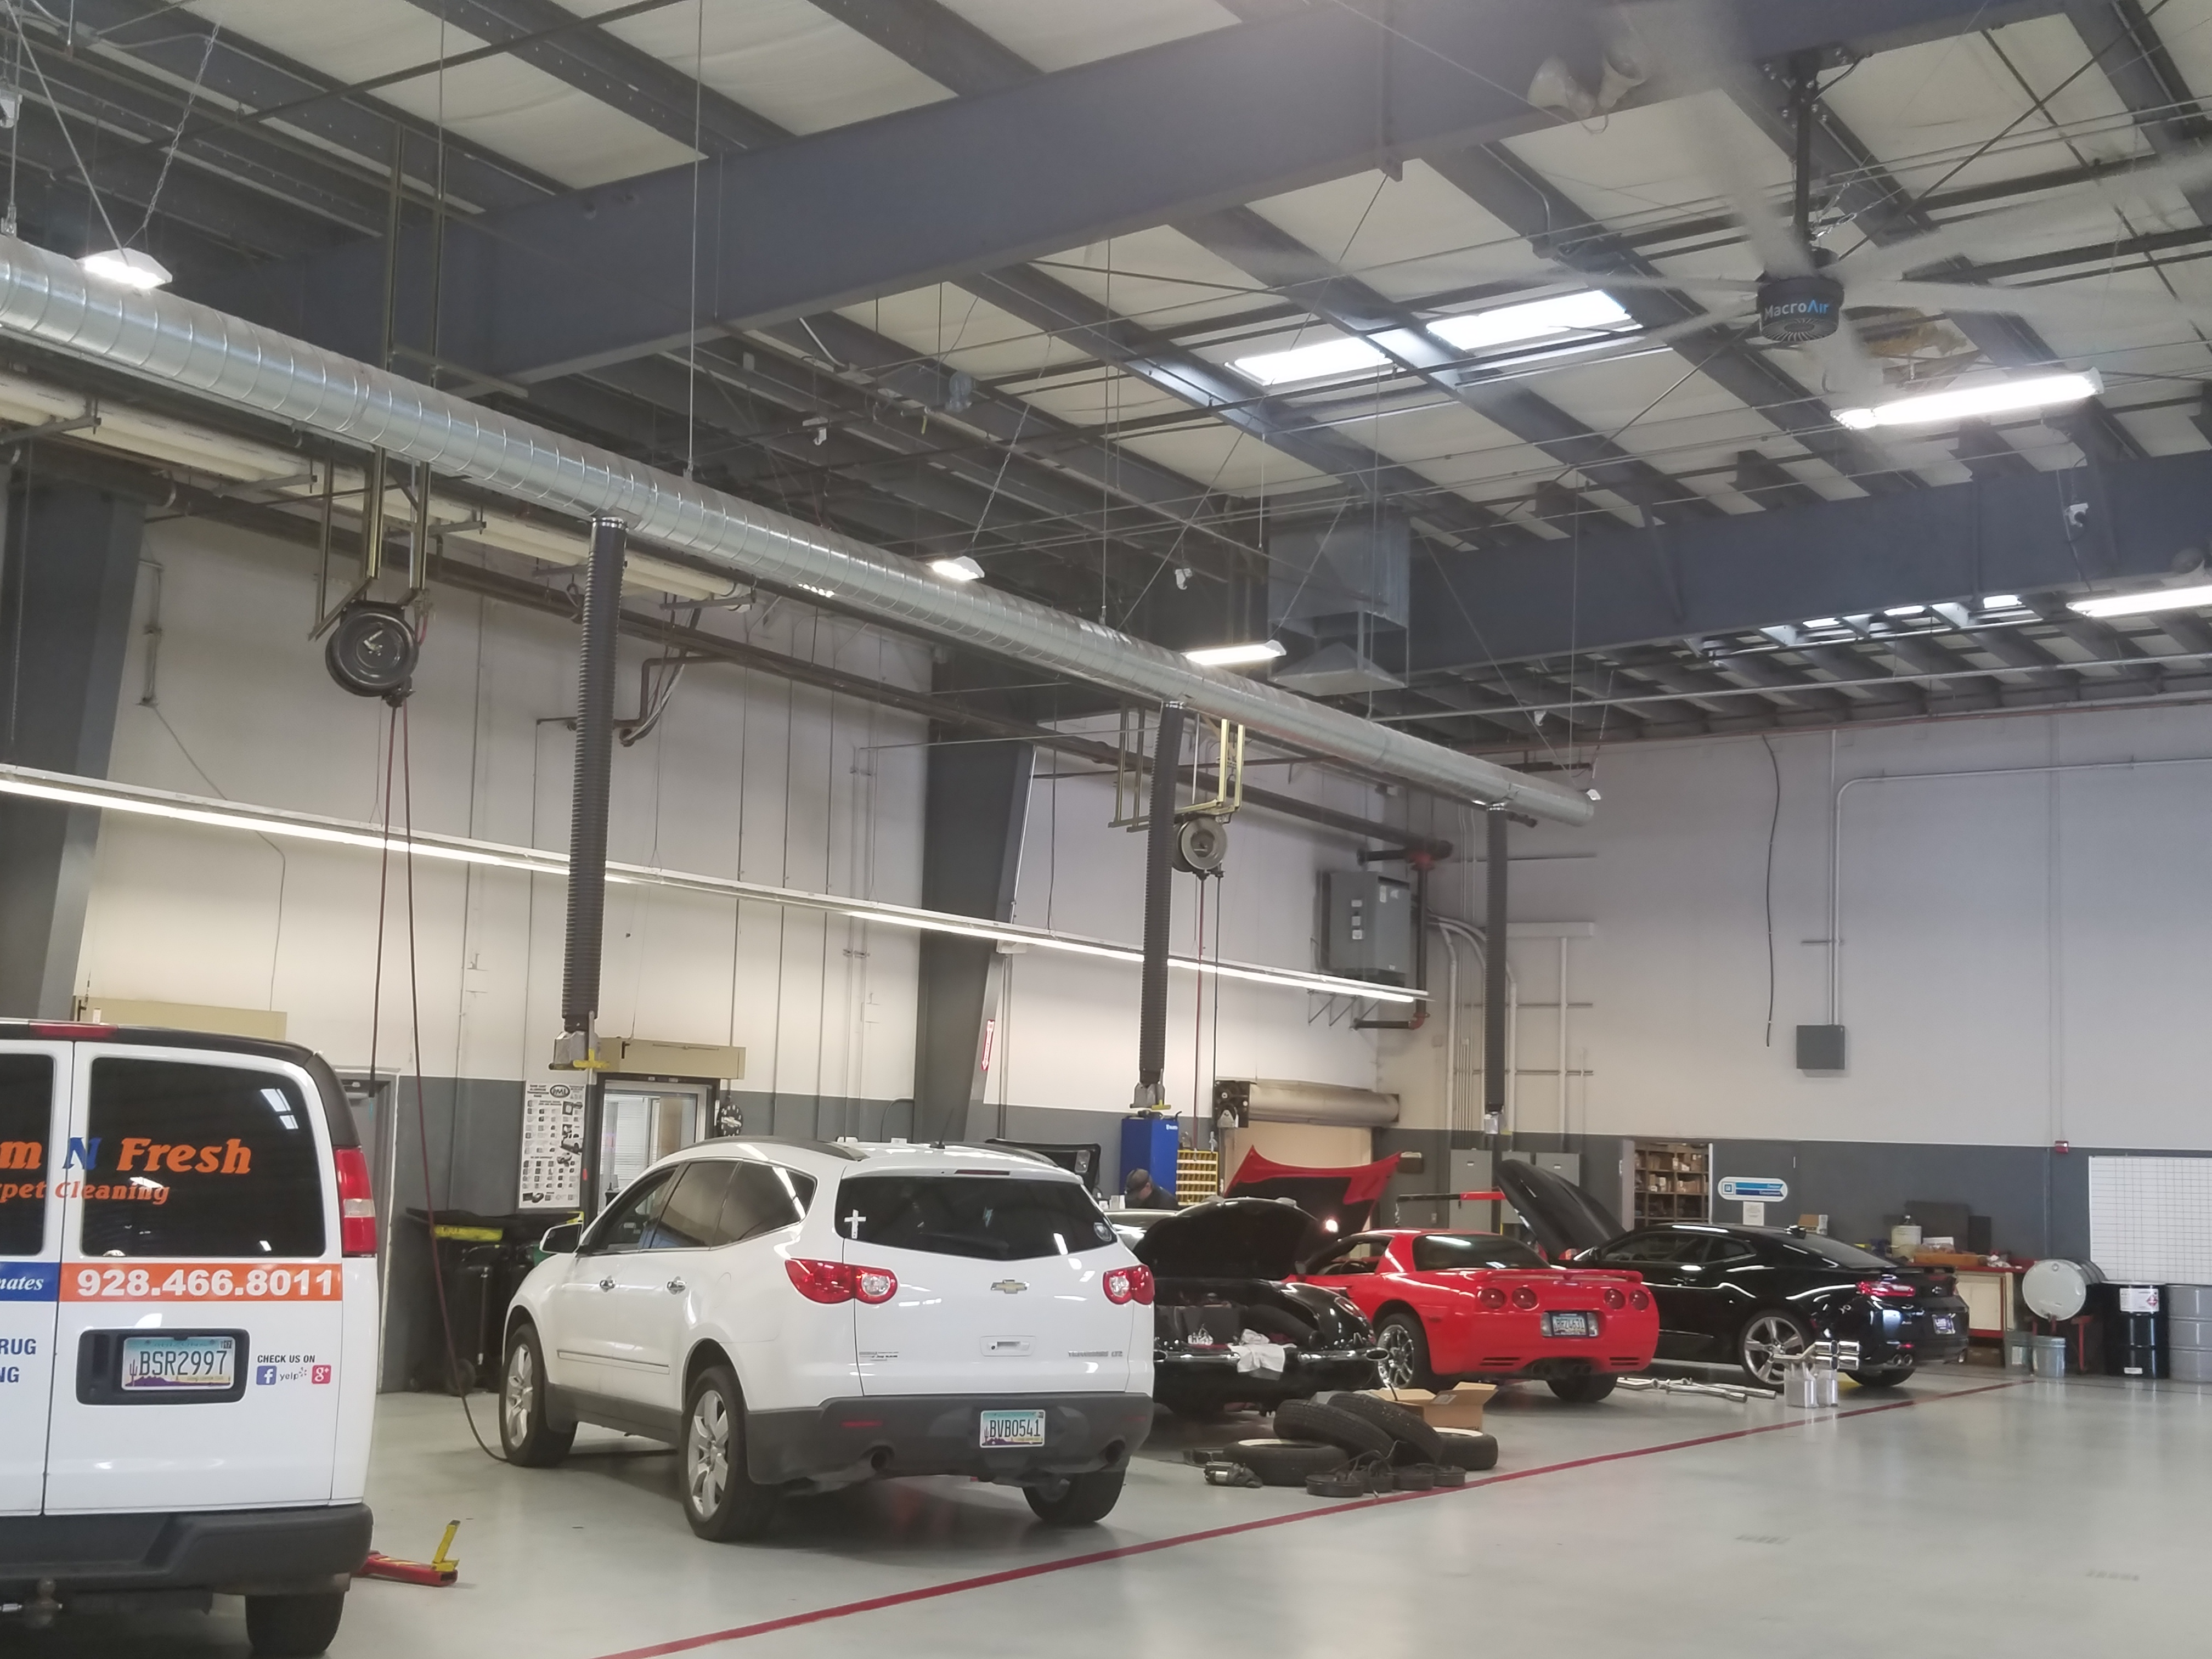 Lamb Chevrolet - Service bays - Prescott